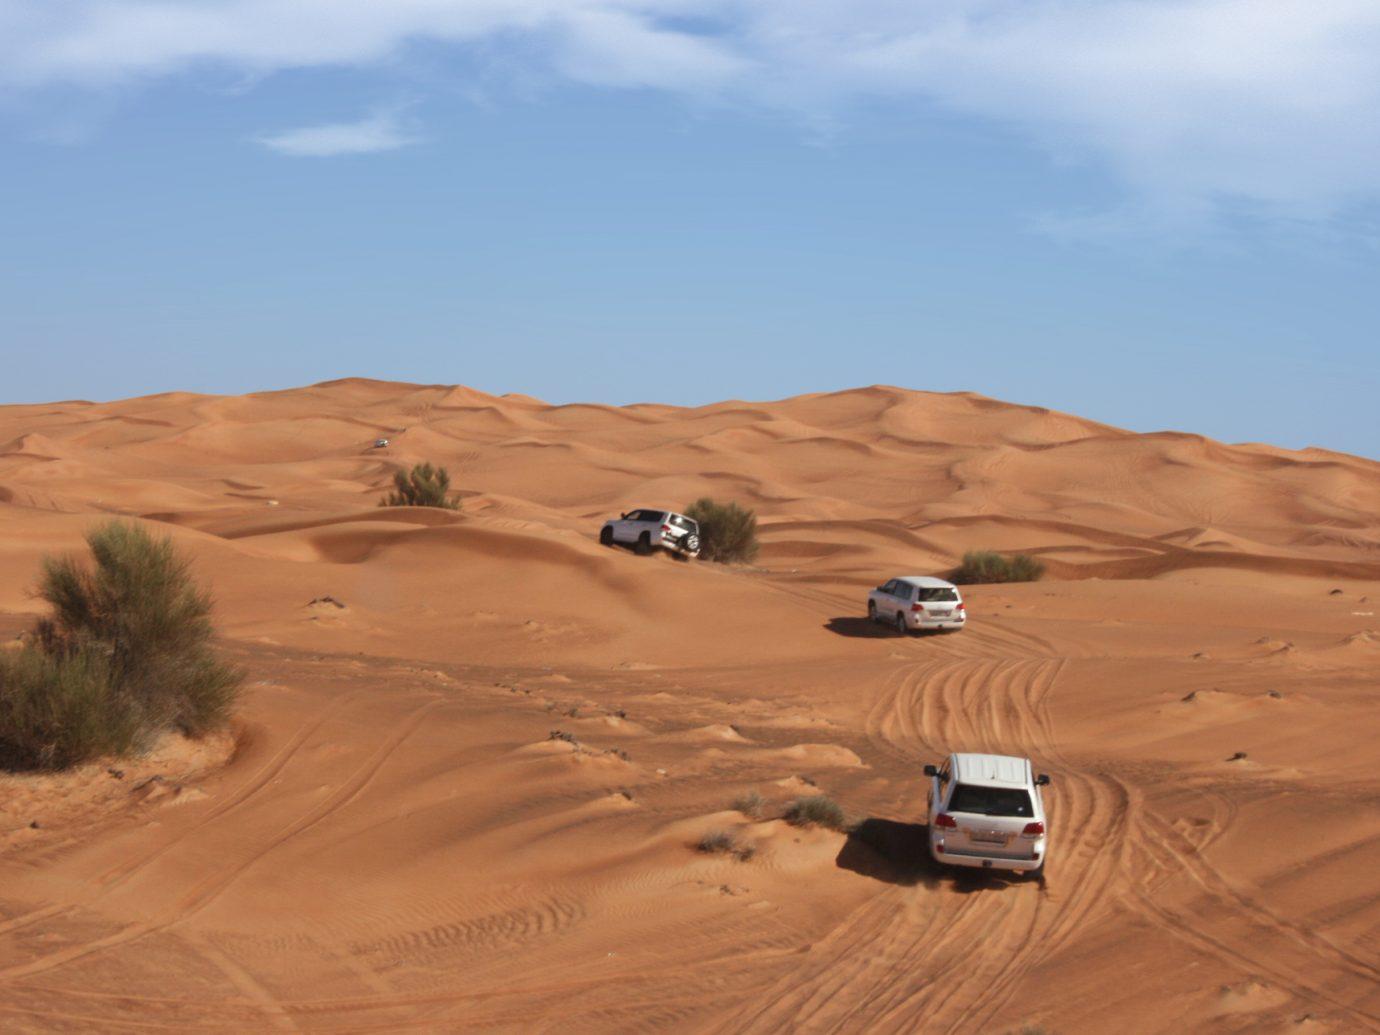 Desert safari at the sand dunes in Dubai, UAE.